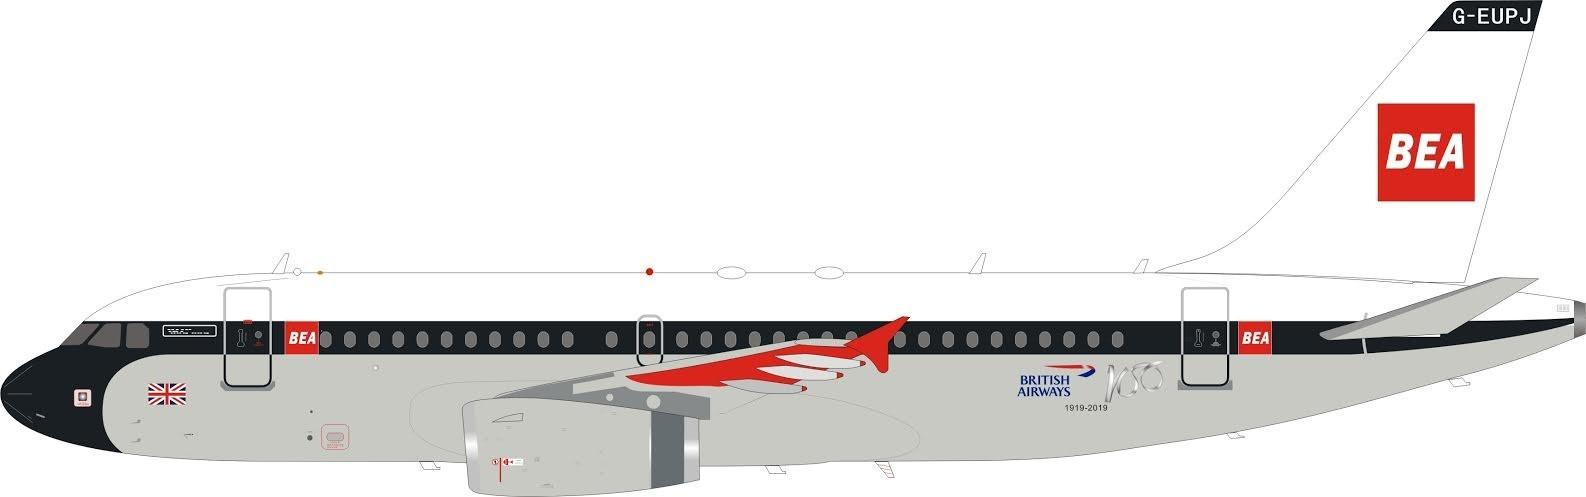 Lupa 100A319BEA BA 100 Year Anniv BEA 1//200 Scale G-EUPJ Airbus A319